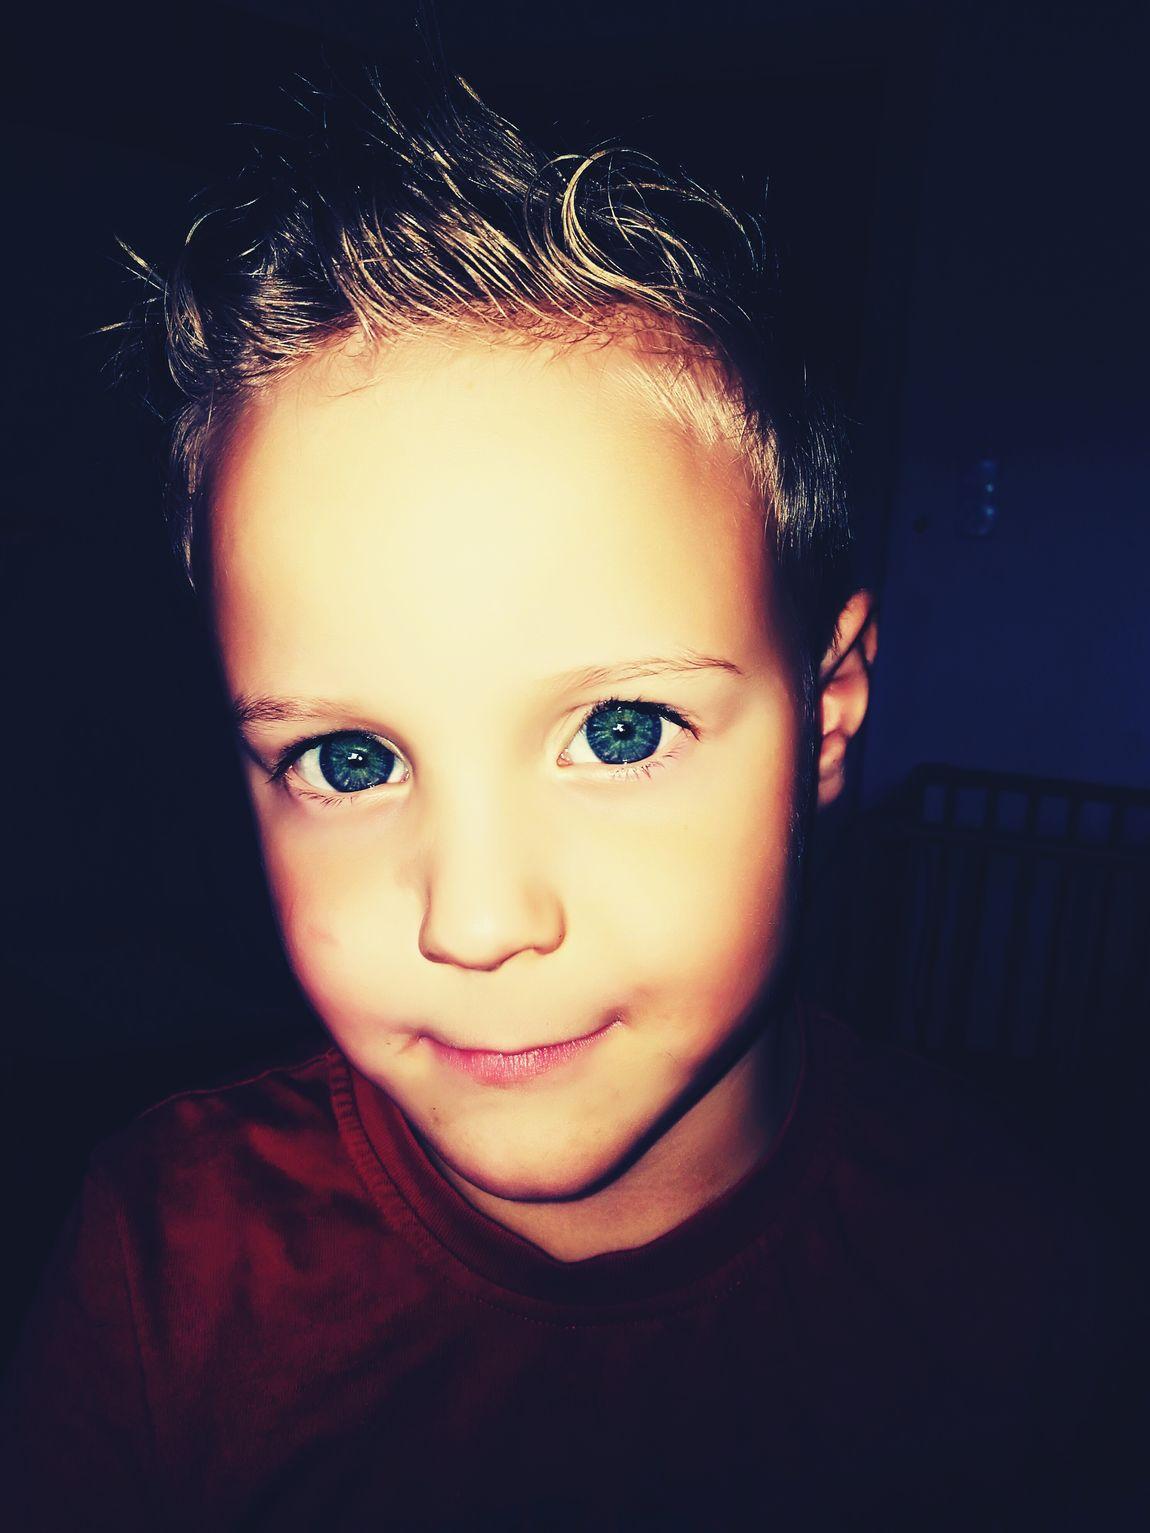 Mein Sohn, diese Augen ❤️😍